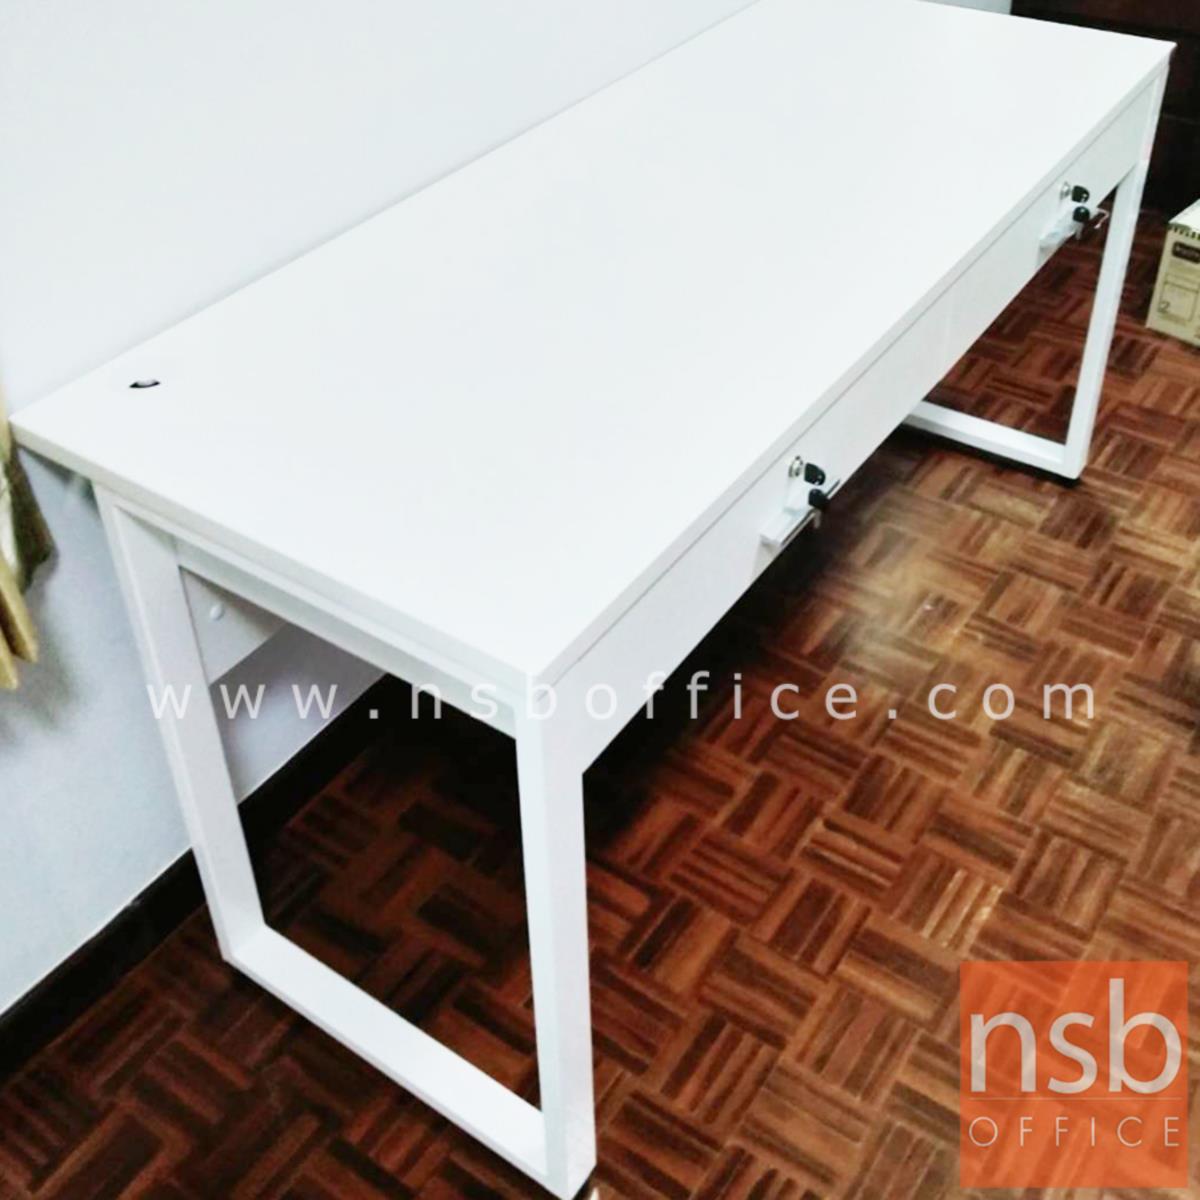 โต๊ะทำงาน 2 ลิ้นชัก รุ่น Richmond (ริชมอนด์)  ขนาด 120W,150W,180W cm. ขาเหล็ก